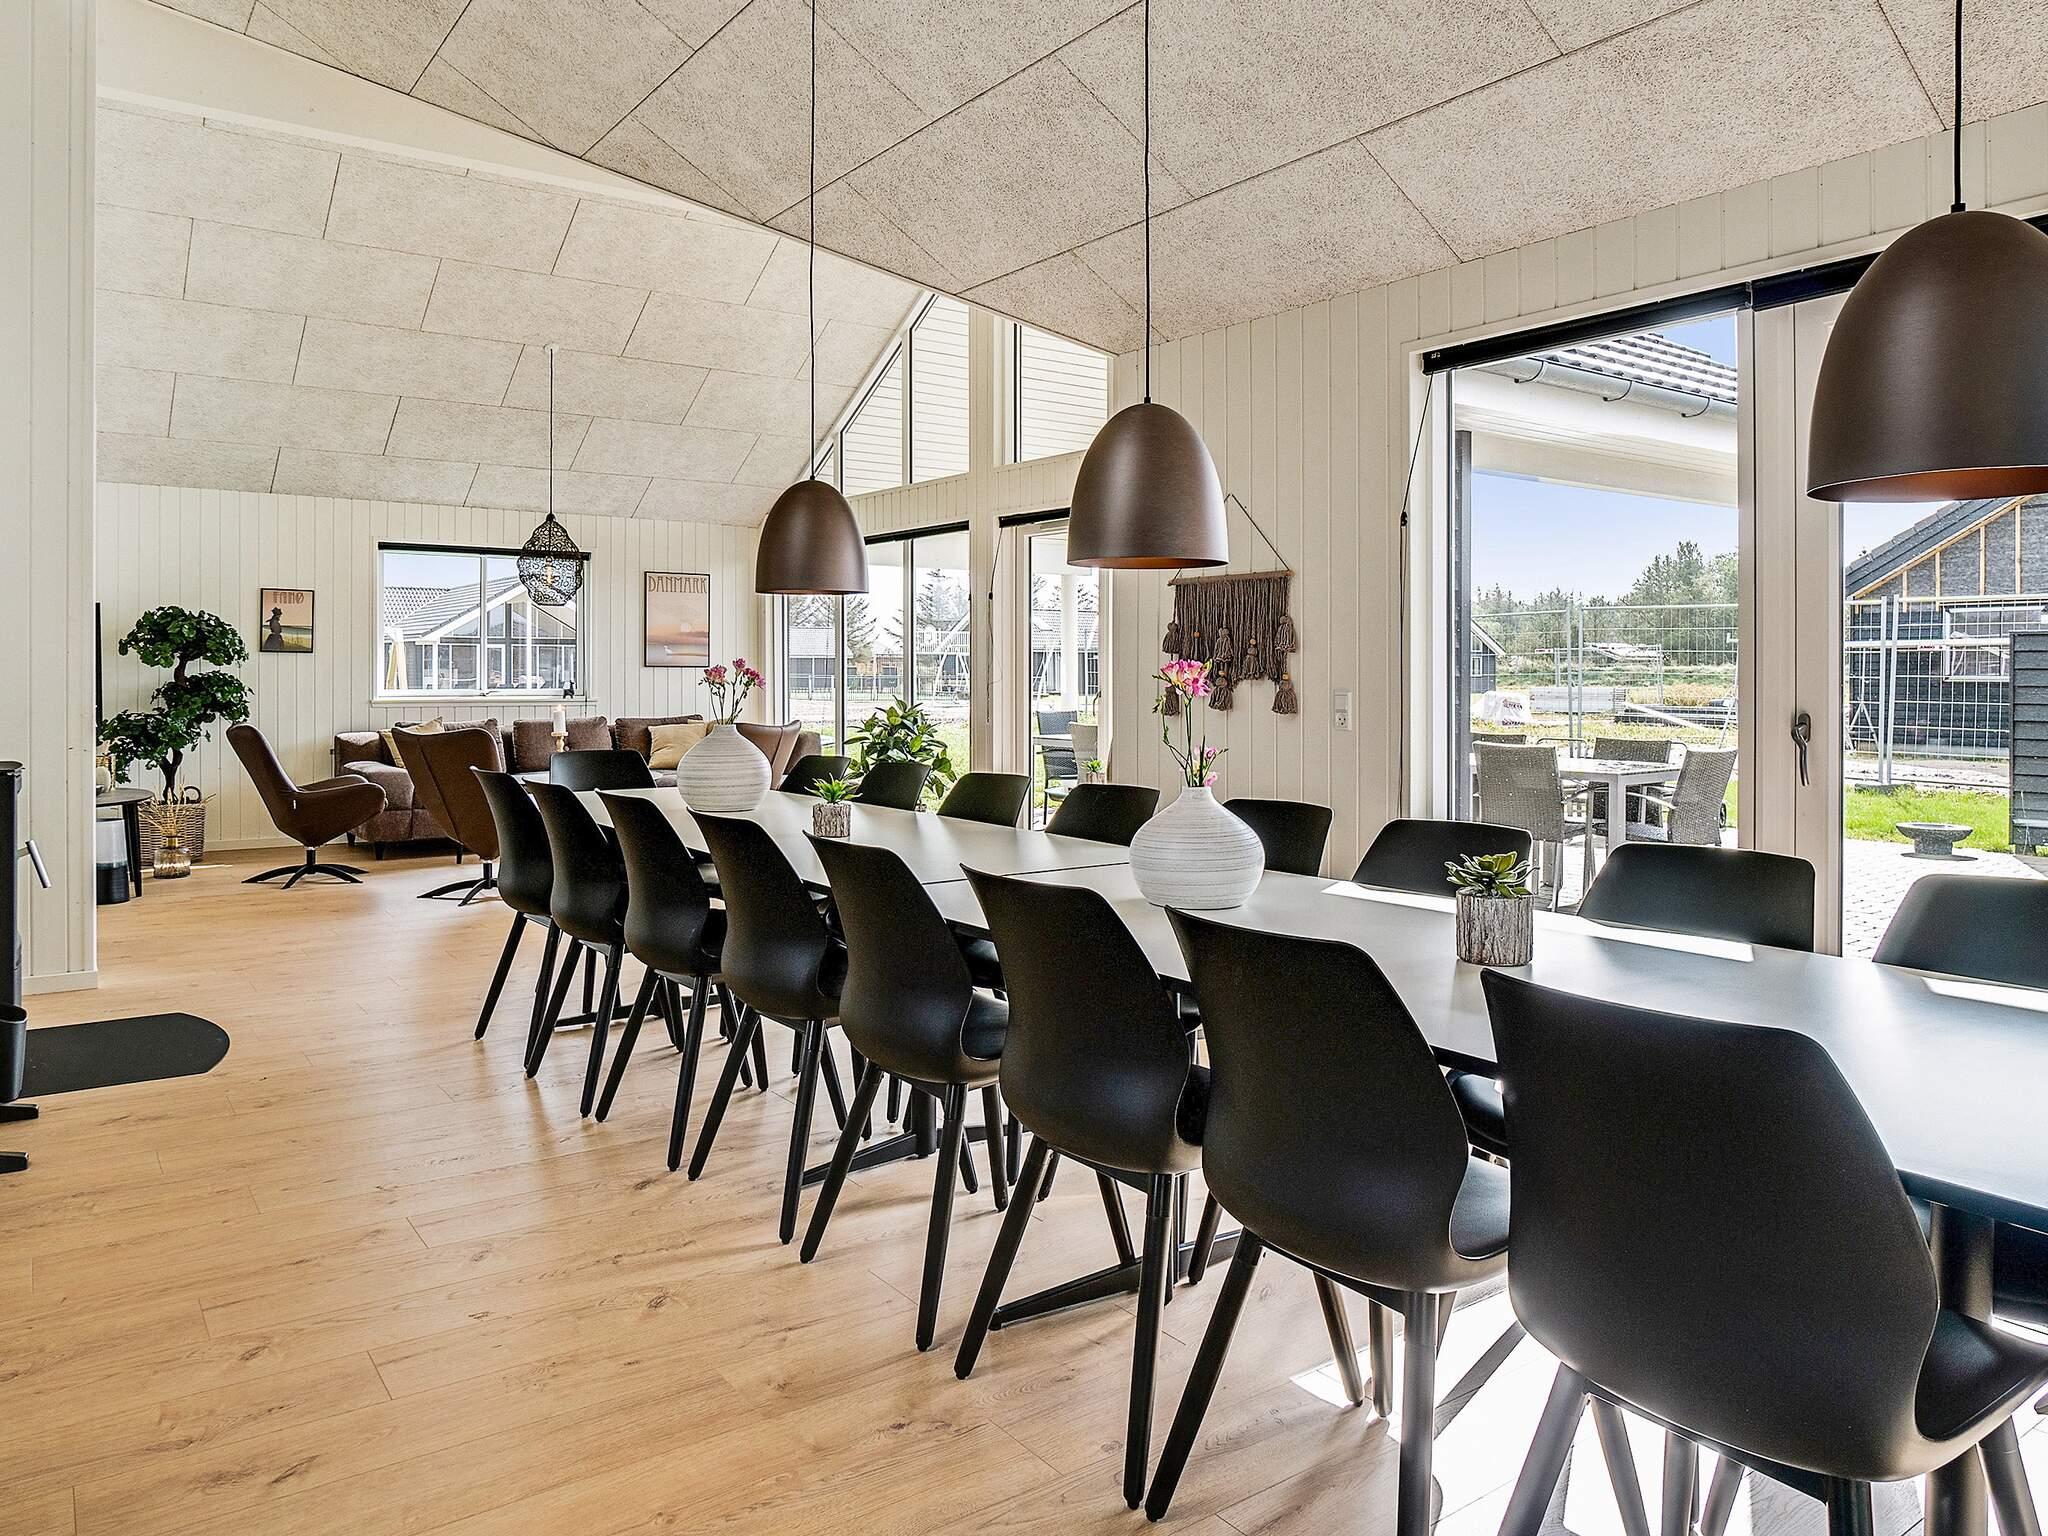 Ferienhaus Houstrup Strand (2561591), Nørre Nebel, , Westjütland, Dänemark, Bild 7